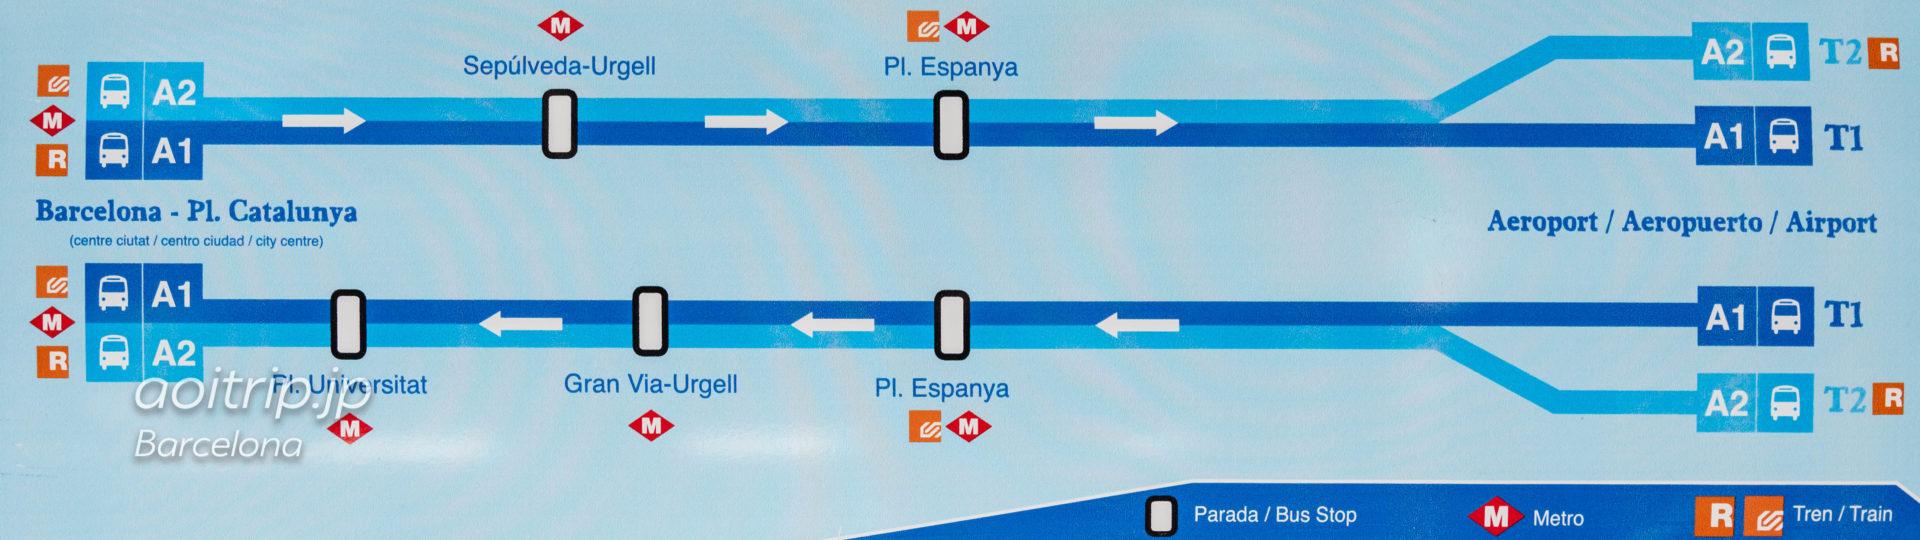 バルセロナ空港からカタルーニャ広場へ向かう空港バスの路線図